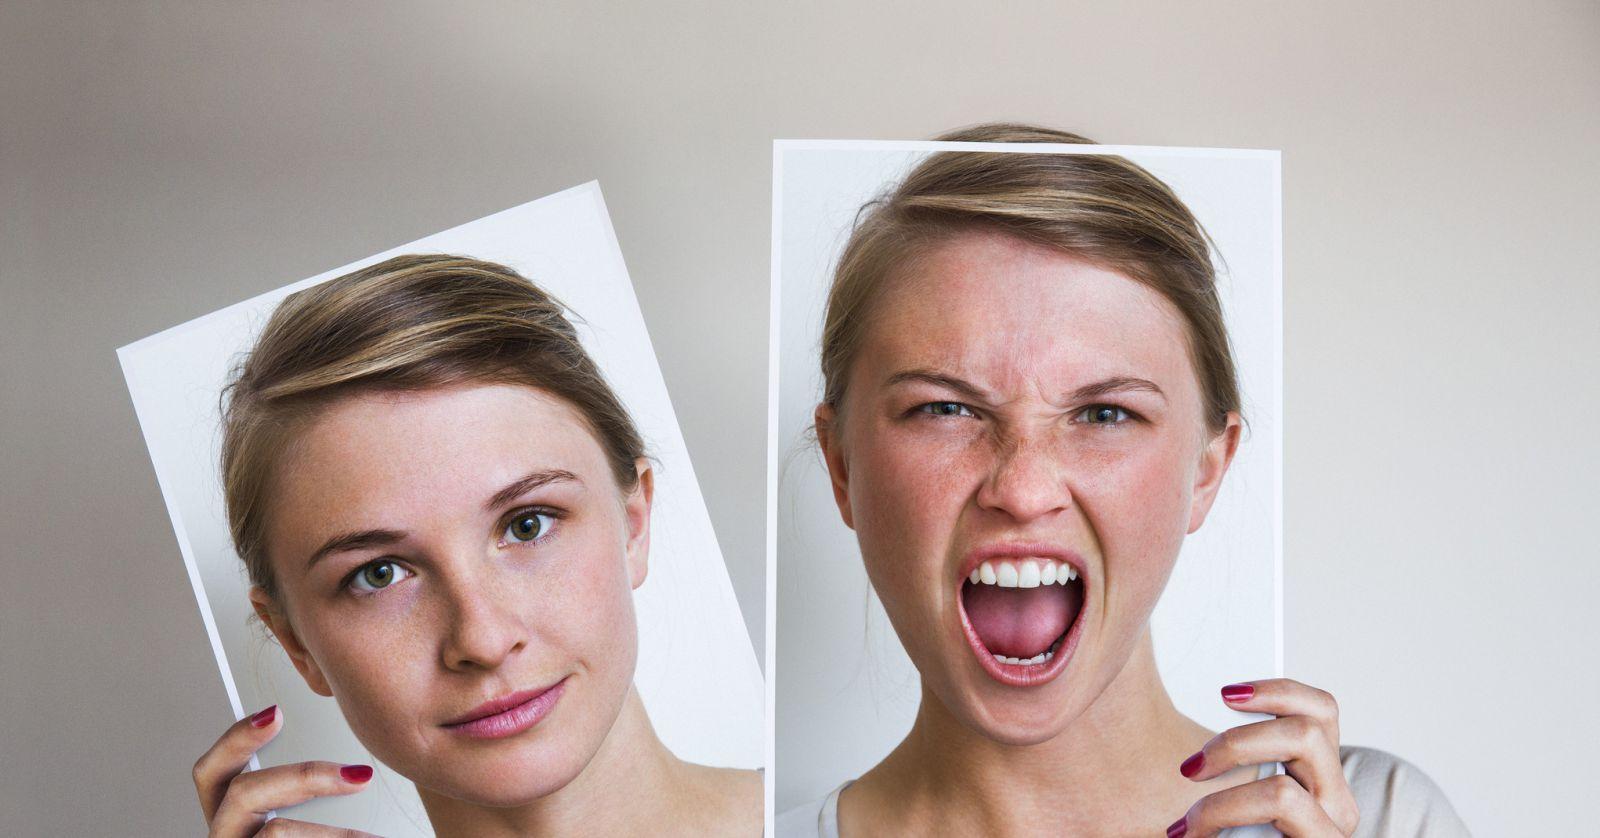 Биполярное расстройство личности связали с неправильным ответом астроцитов на воспаление